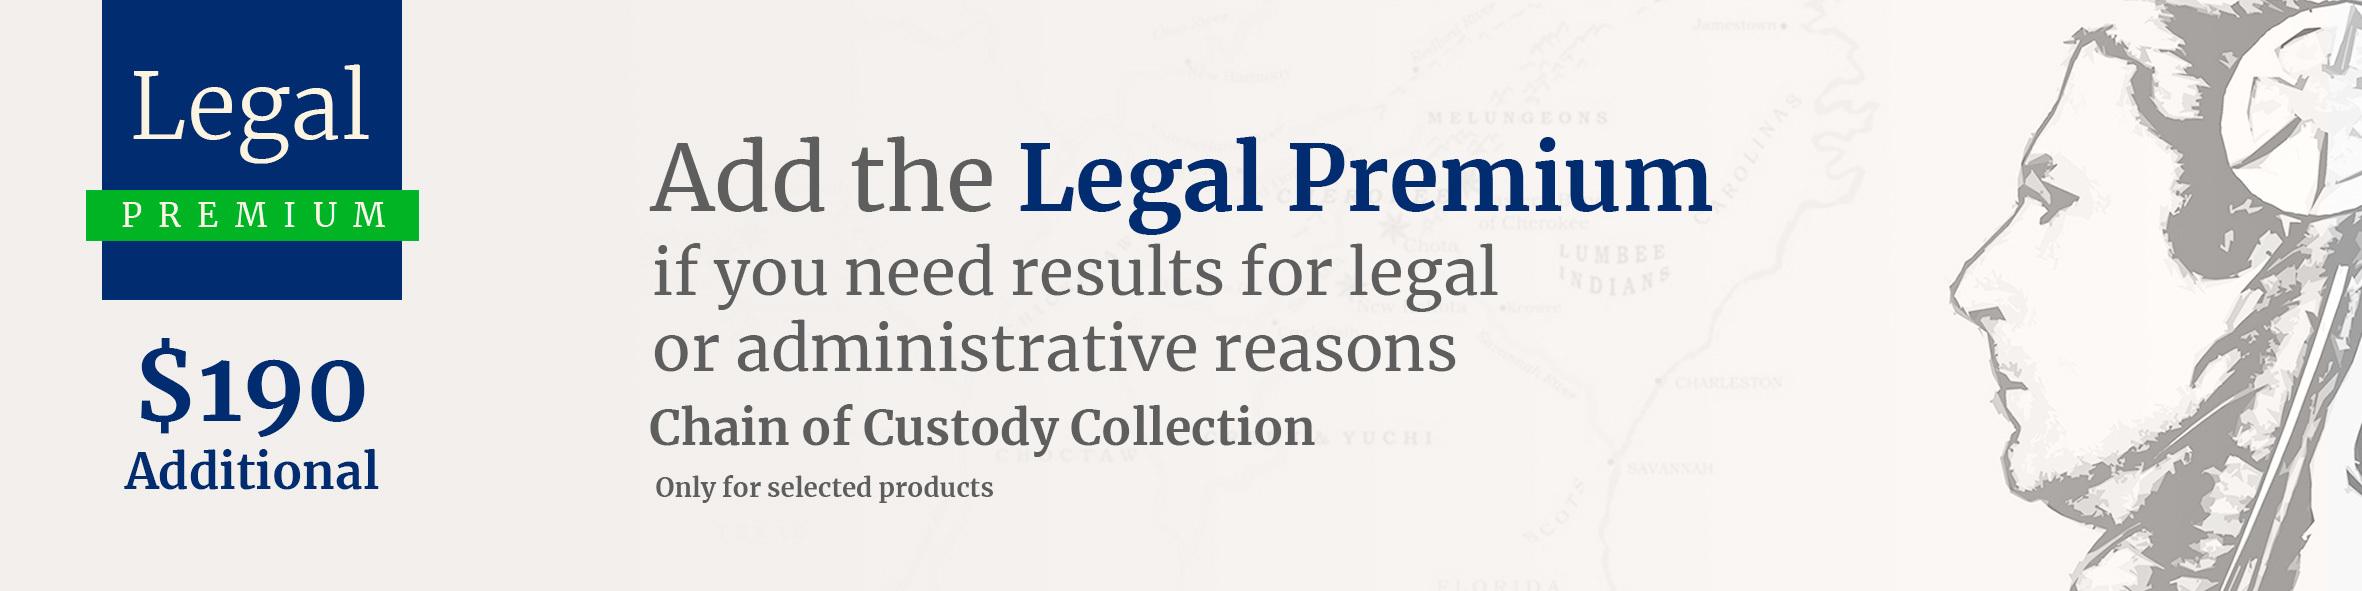 legal-premium